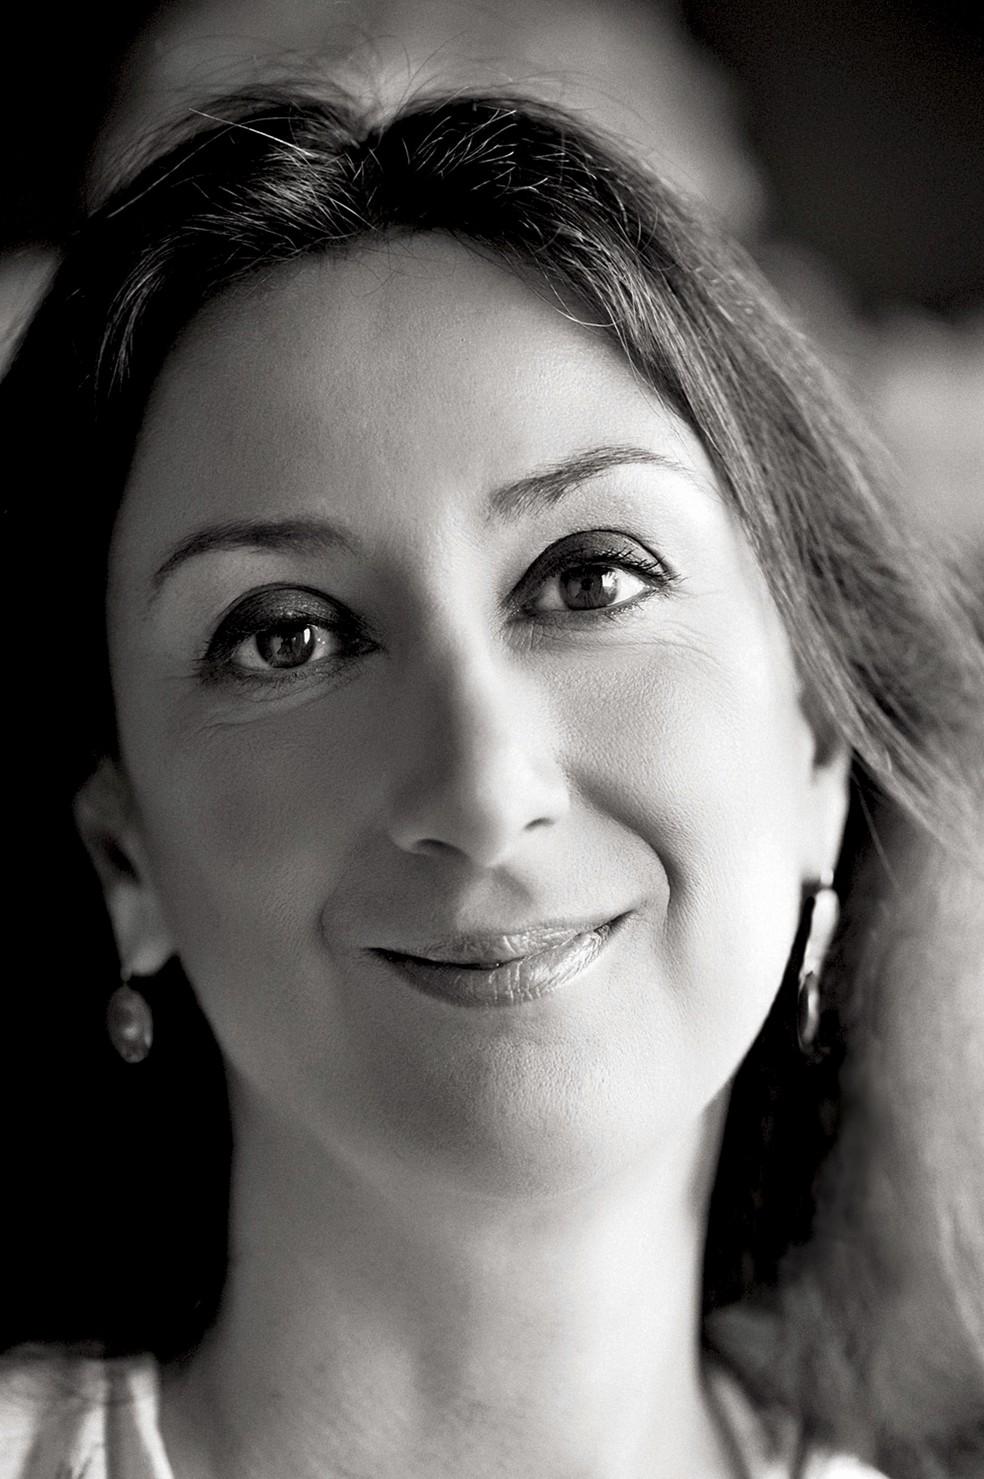 -  Imagem de arquivo mostra a jornailsta Daphne Caruana Galizia  Foto: The Malta Independent via AP